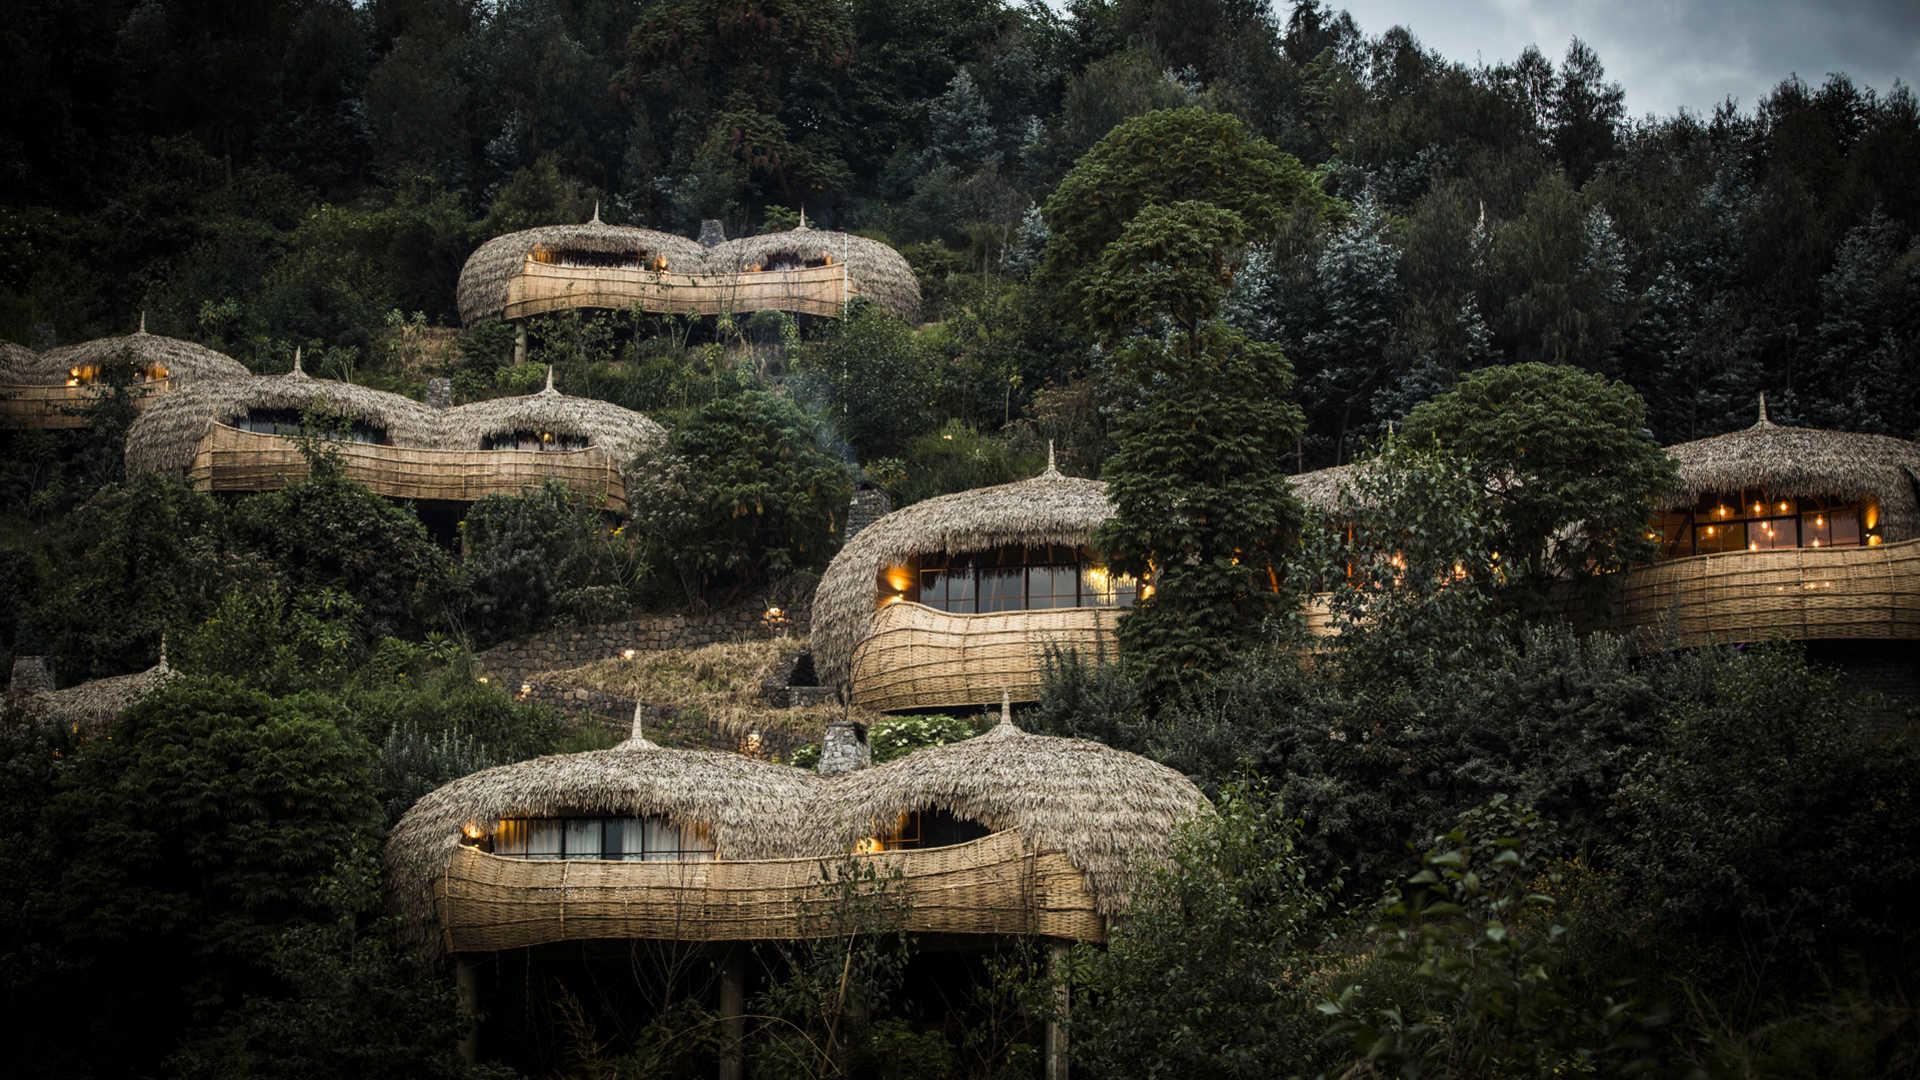 O Bisate Lodge: ecoturismo de luxo que contribui para o reflorestamento e usa energia solar (Foto divulgação)